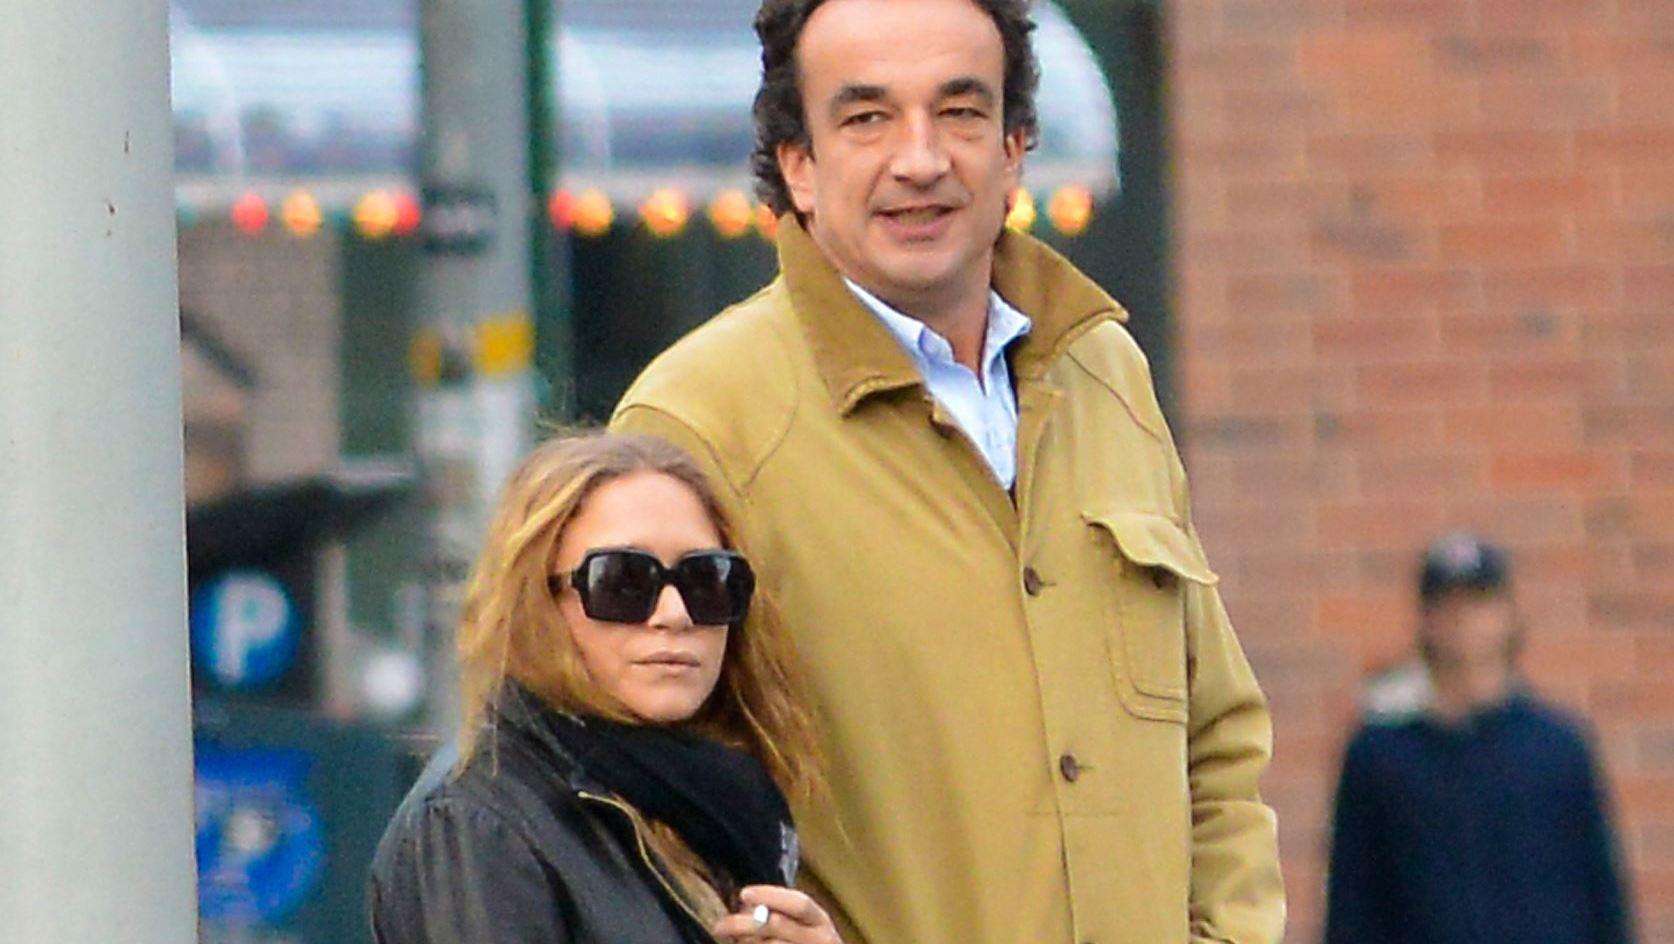 Стало известно, почему распался брак Мэри-Кейт Олсен и Оливье Саркози